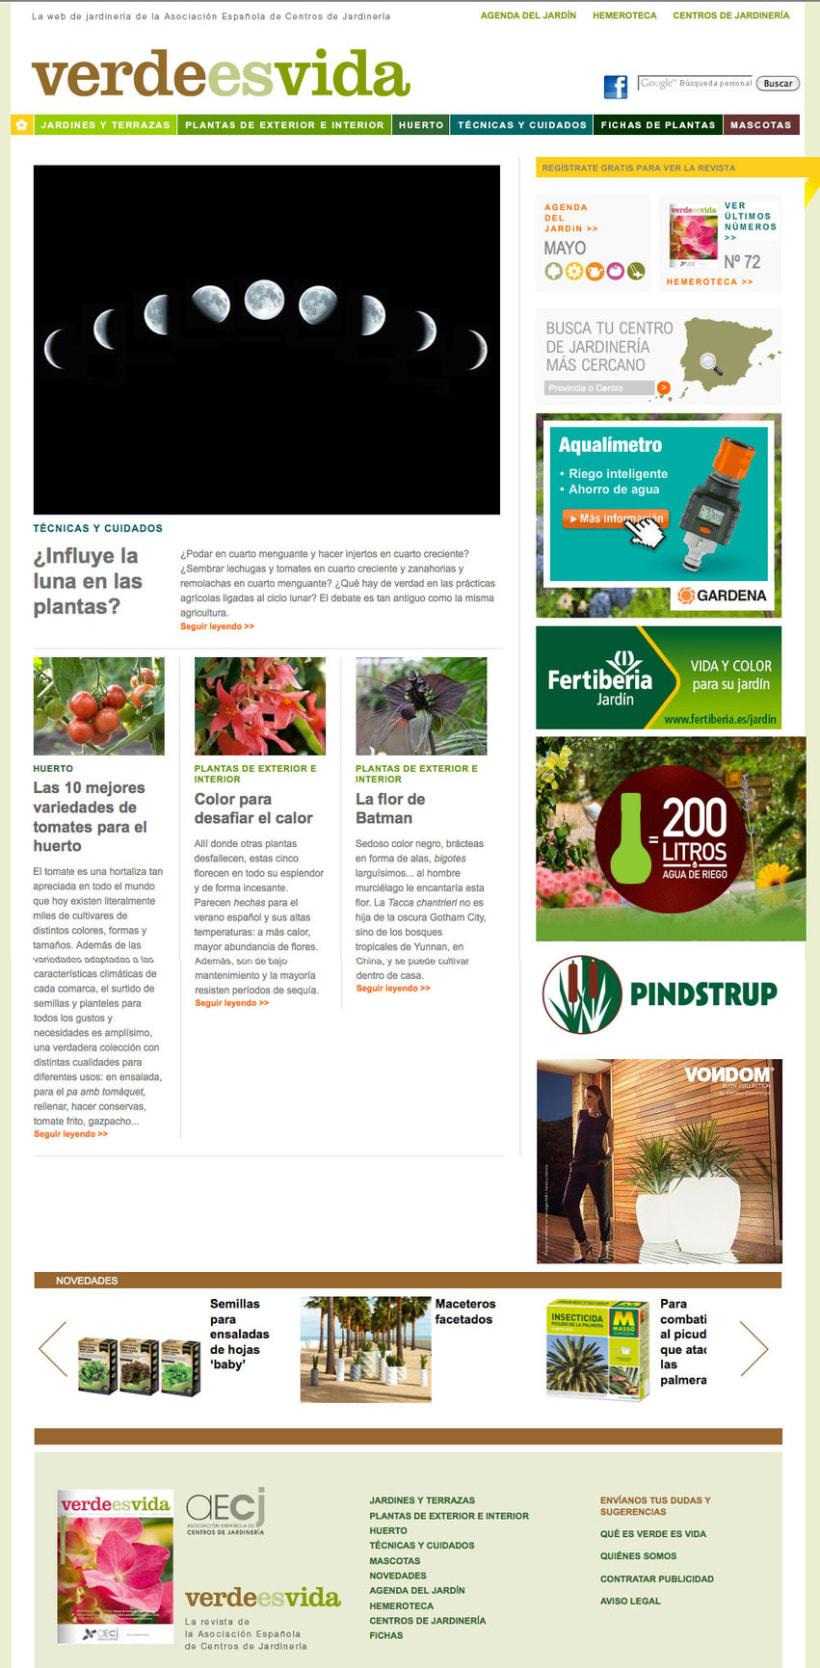 Verdeesvida - Pagina a medida para la Asociación Española de Centros de Jardinería(aEcj) 0